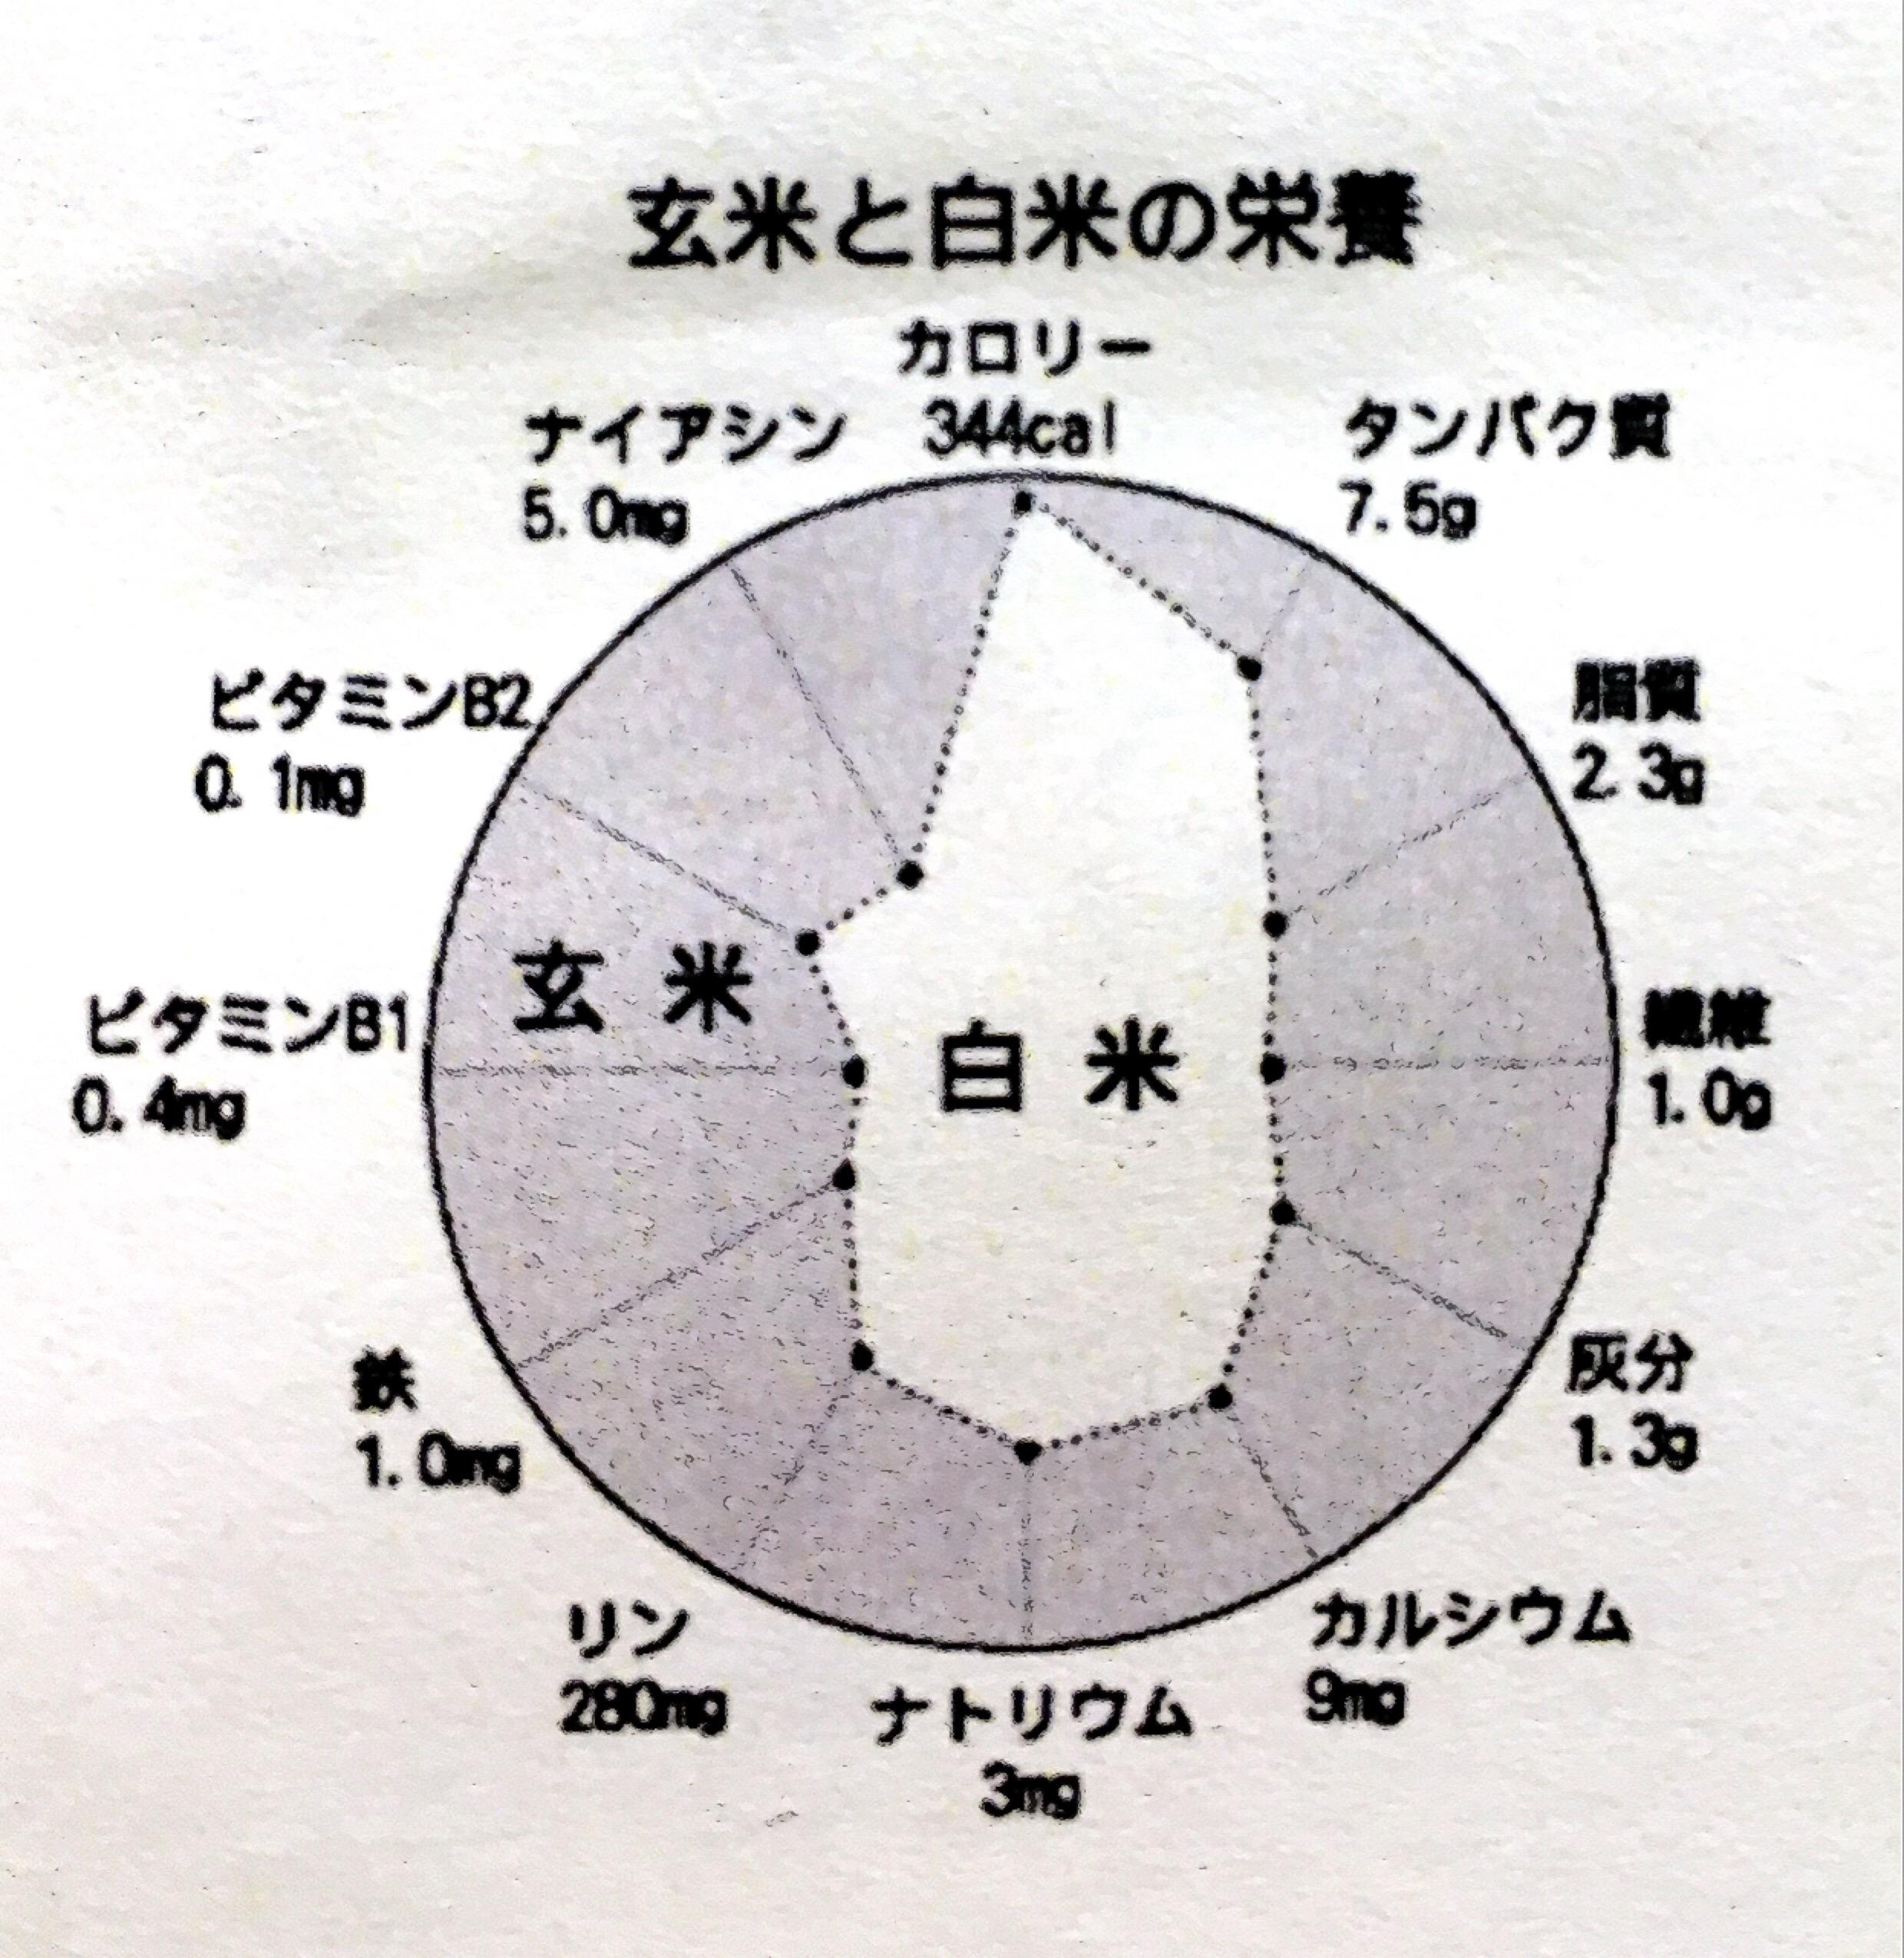 お米モニター07